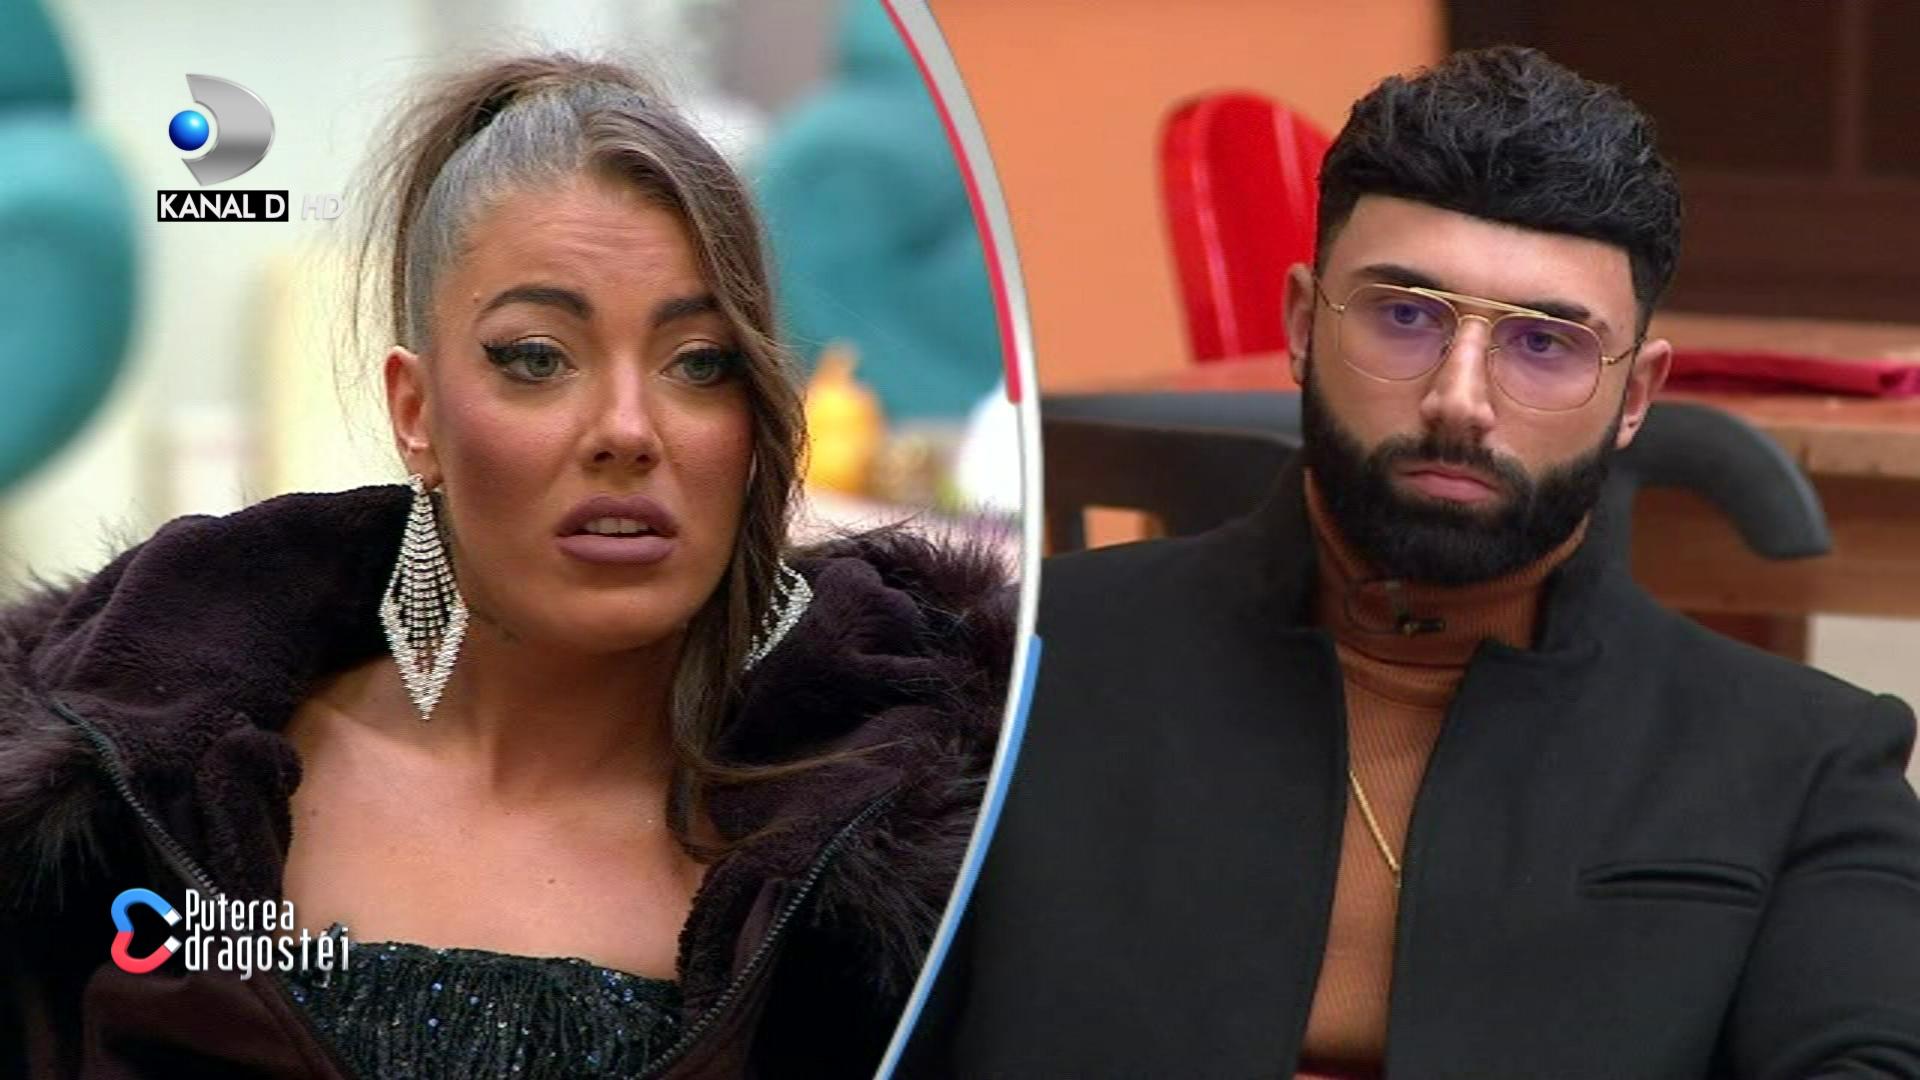 """Roxana a detonat bomba după scandalul cu Turcu: """"Ne-am despărțit, plecăm împreună separat""""! Șoc la """"Puterea dragostei"""": ce urmează acum între cei doi"""